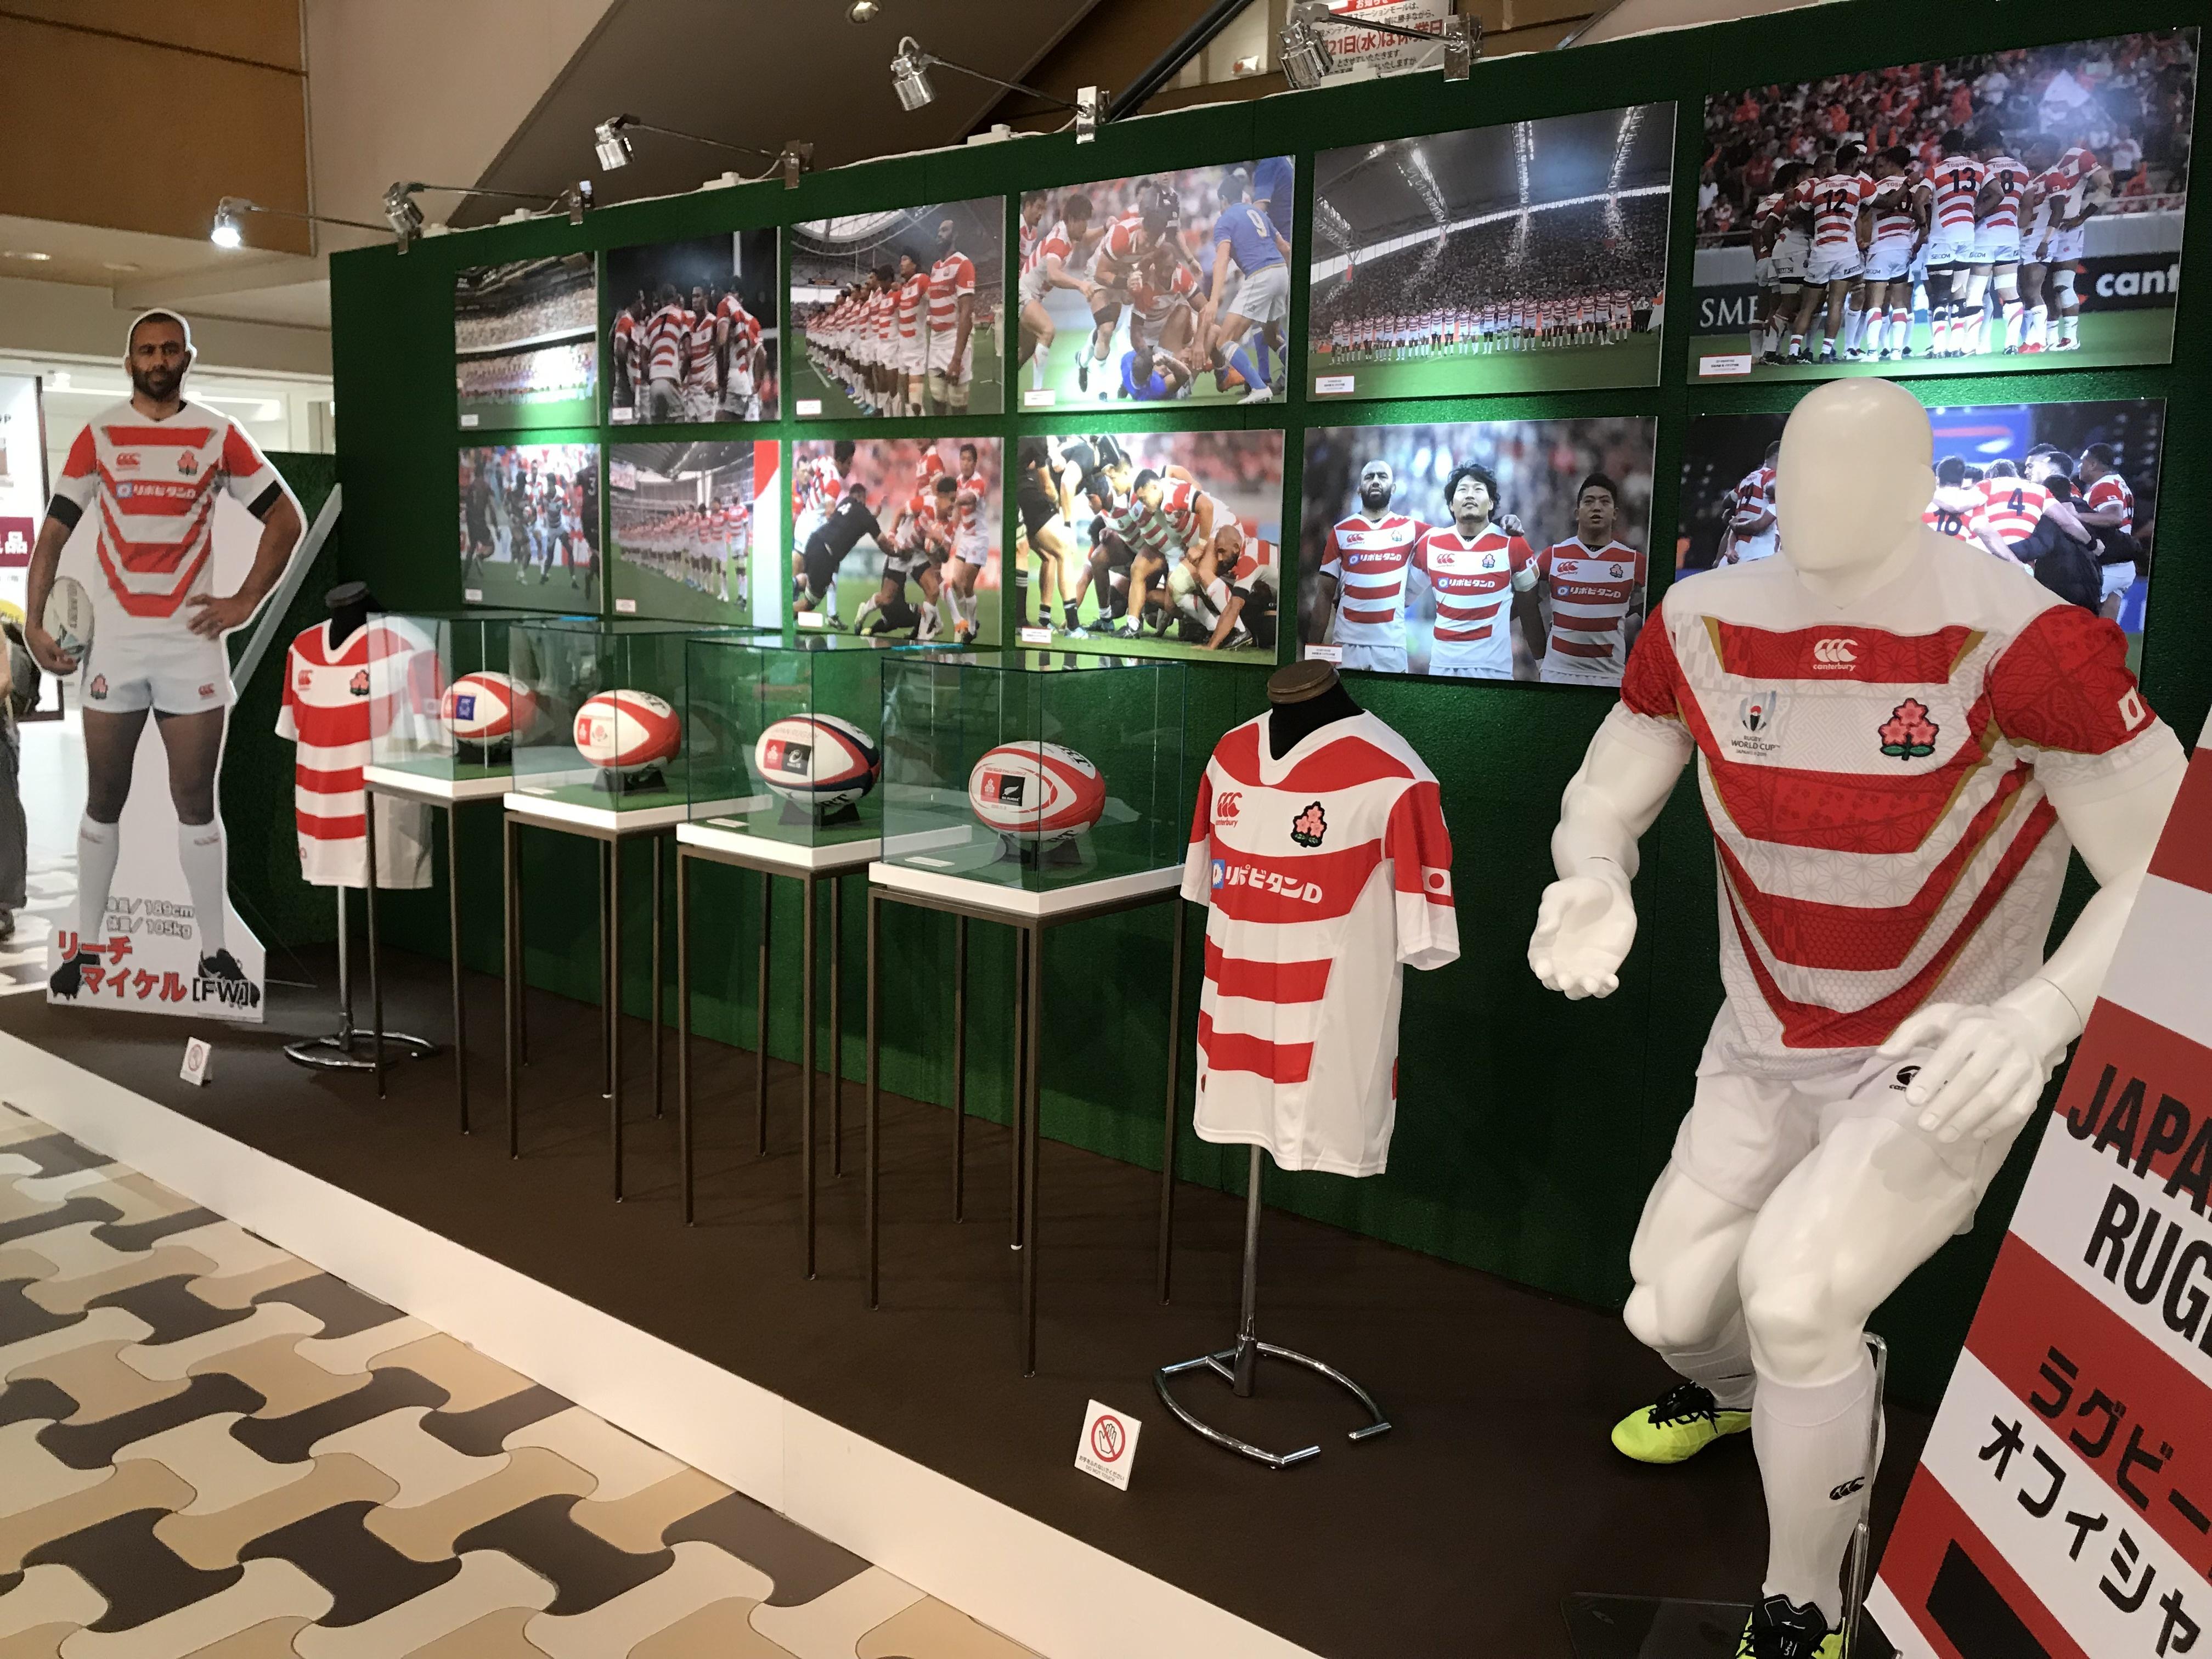 ラグビー日本代表オフィシャルストアが続々オープン! 展示スペースが併設された店舗も登場